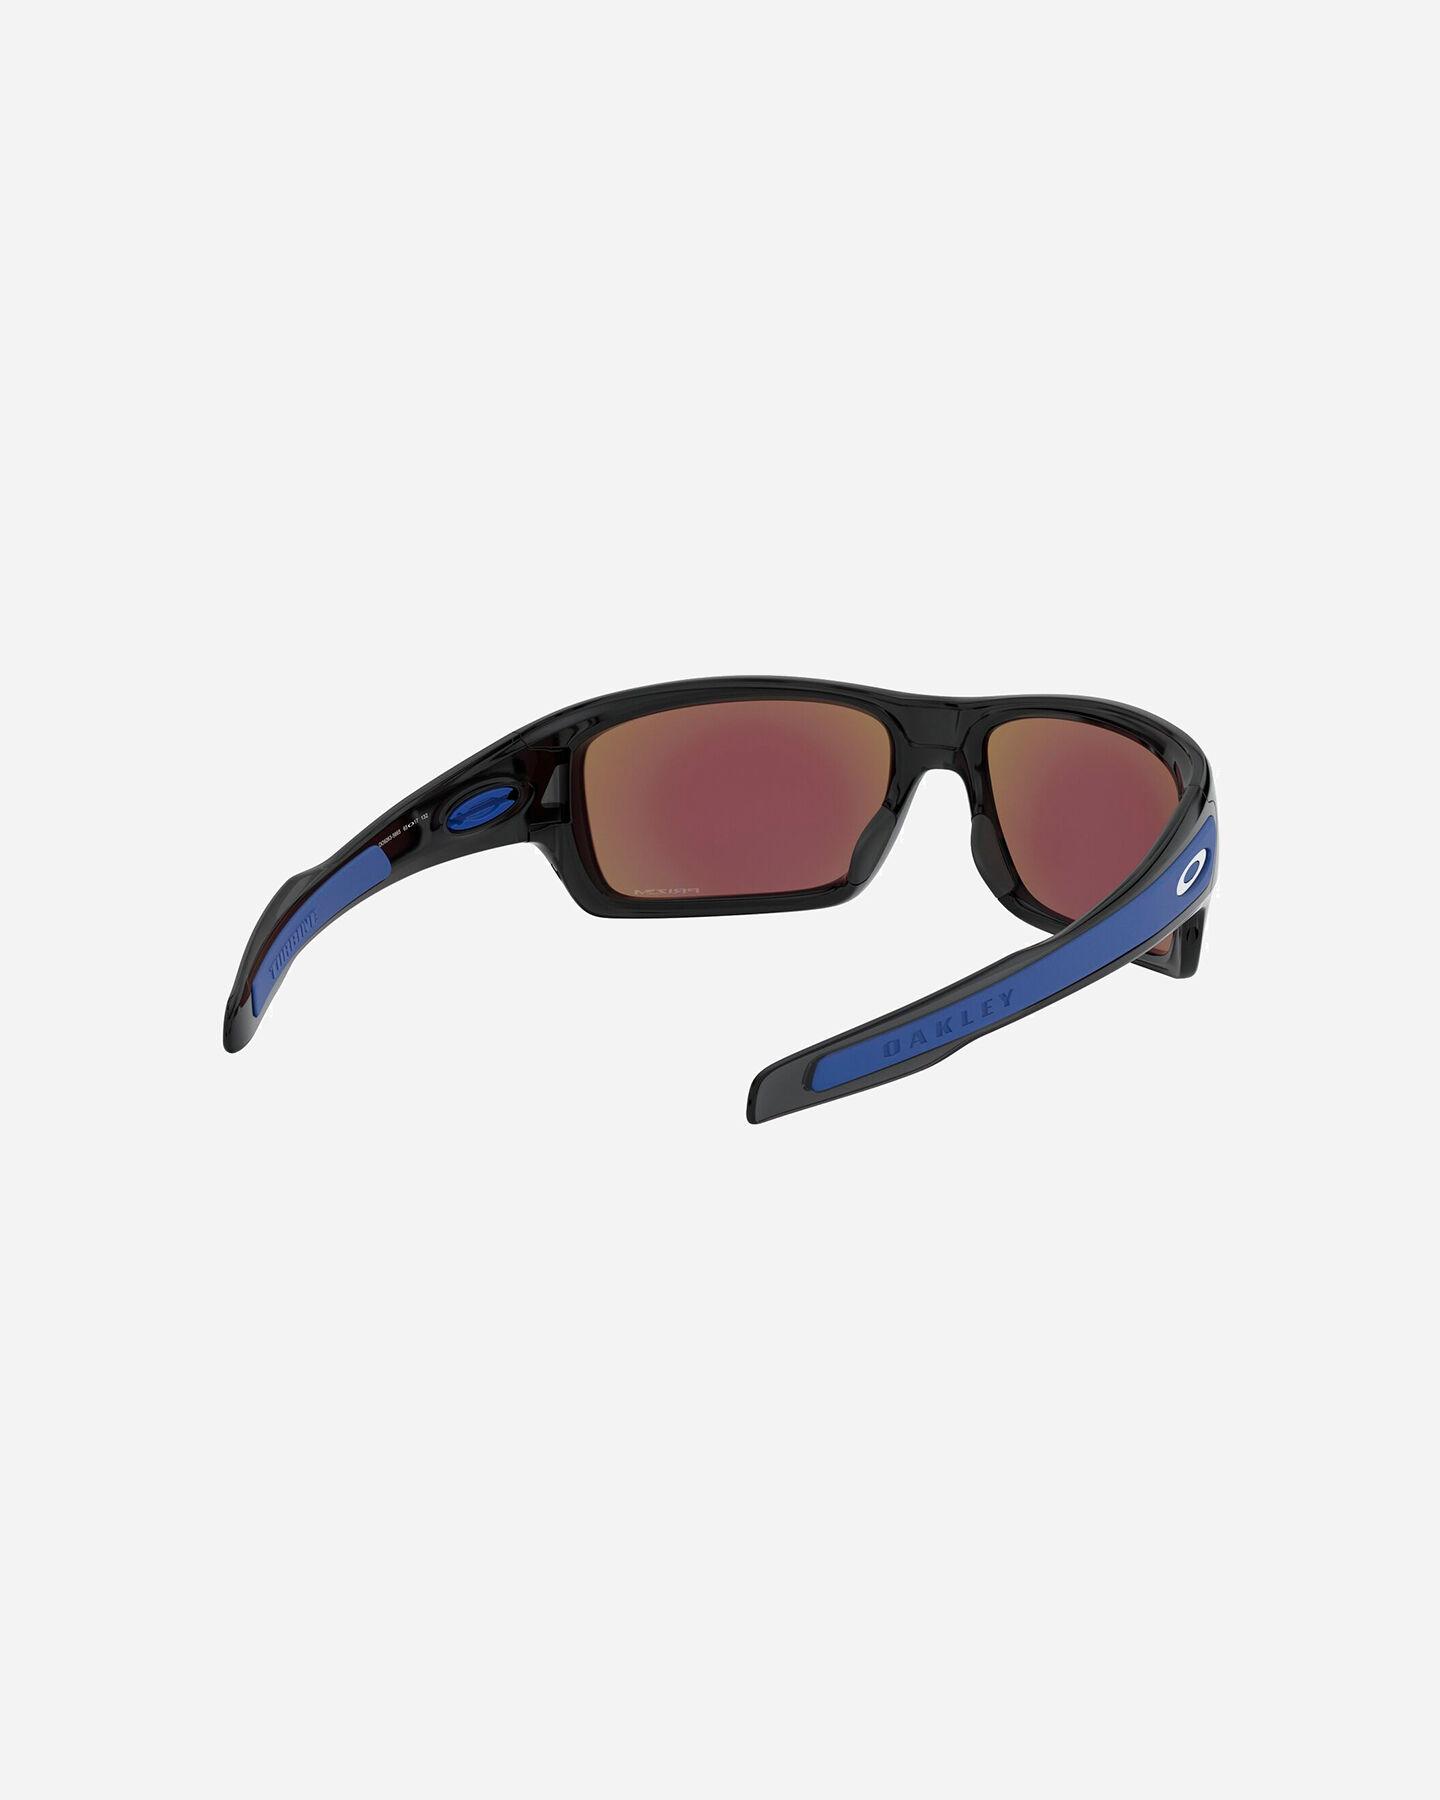 Occhiali OAKLEY TURBINE M S5227092 5663 63 scatto 2